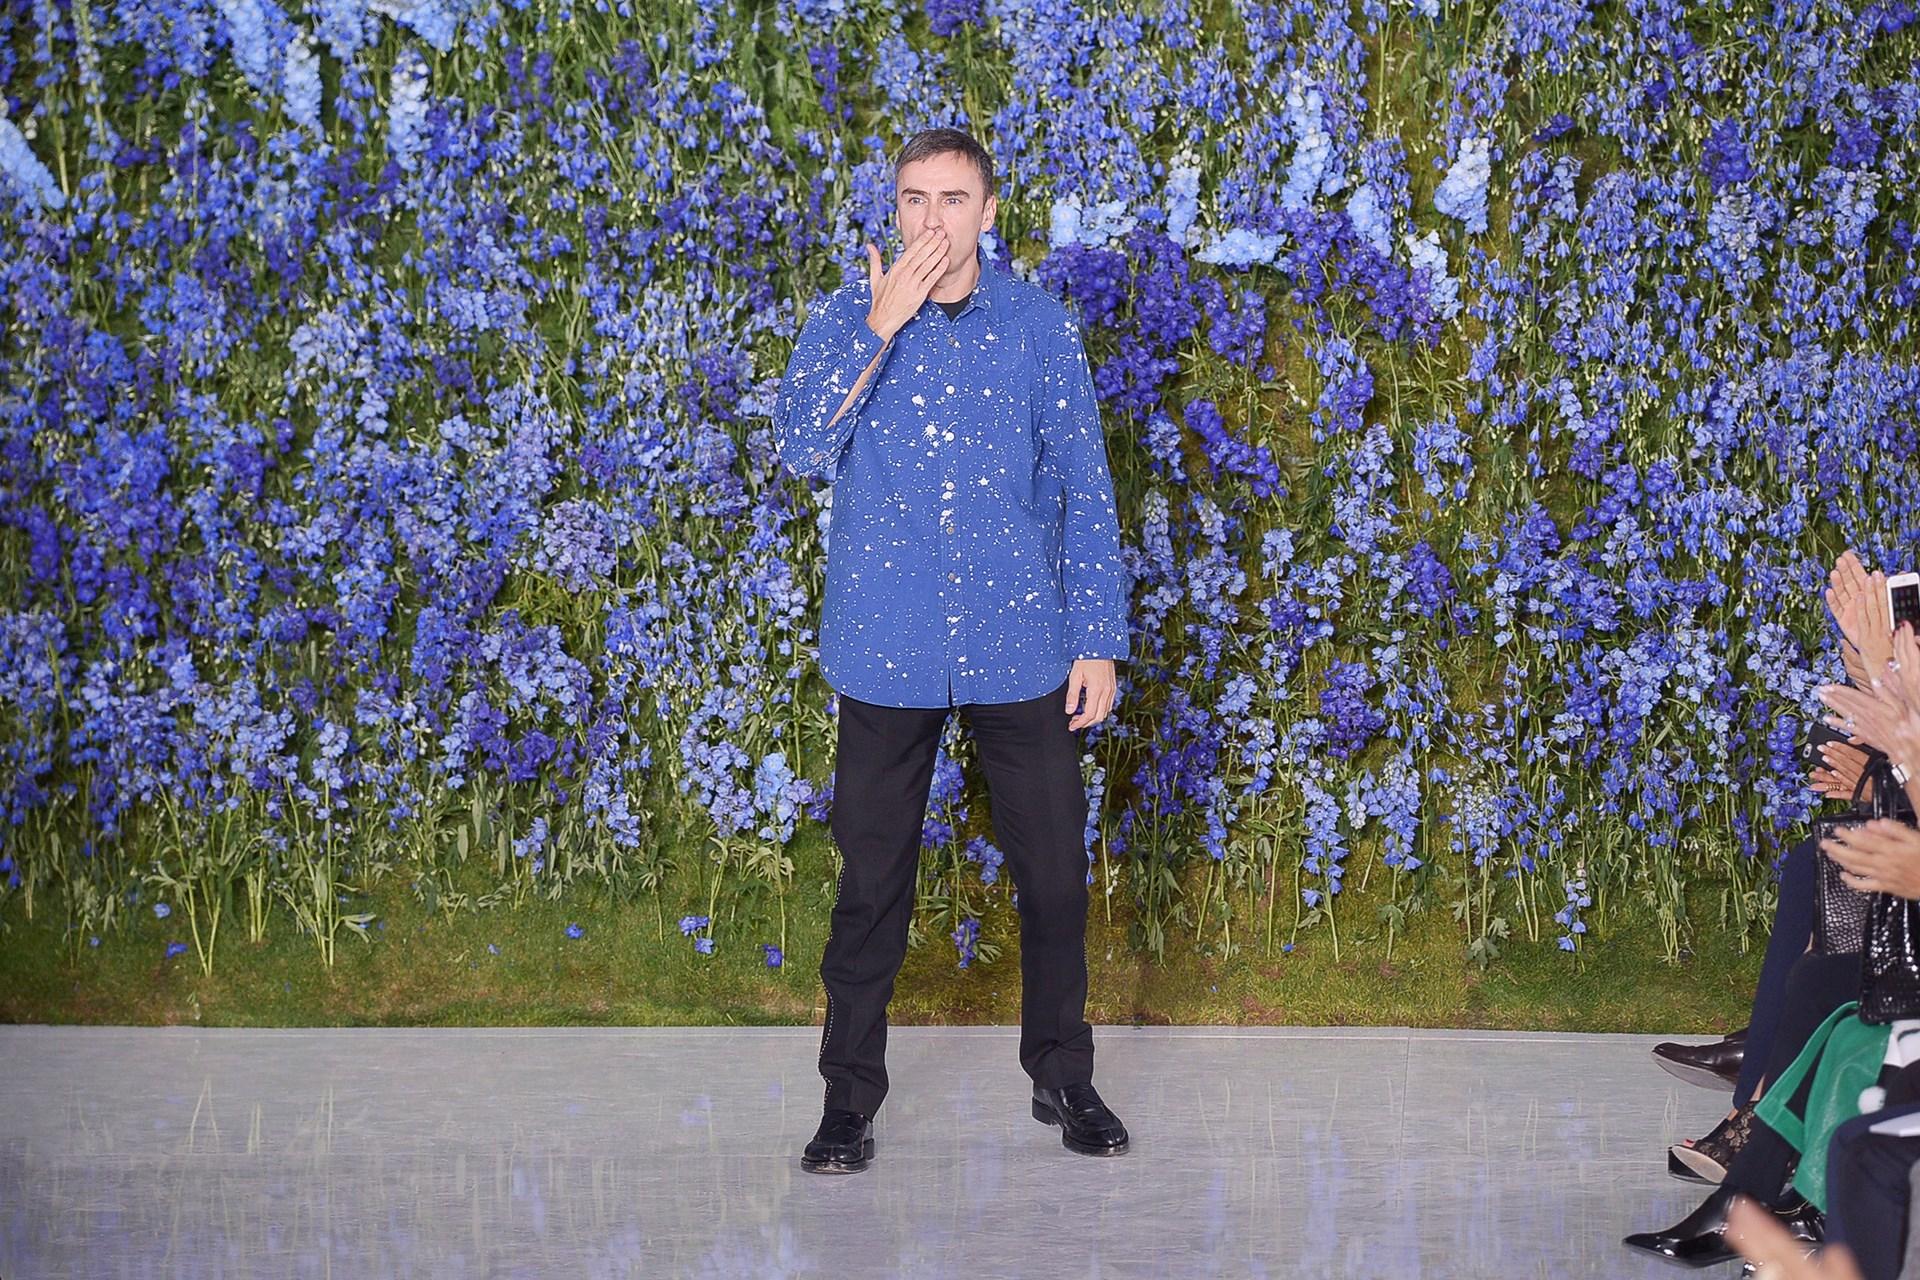 Raf Simons Dior Vogue